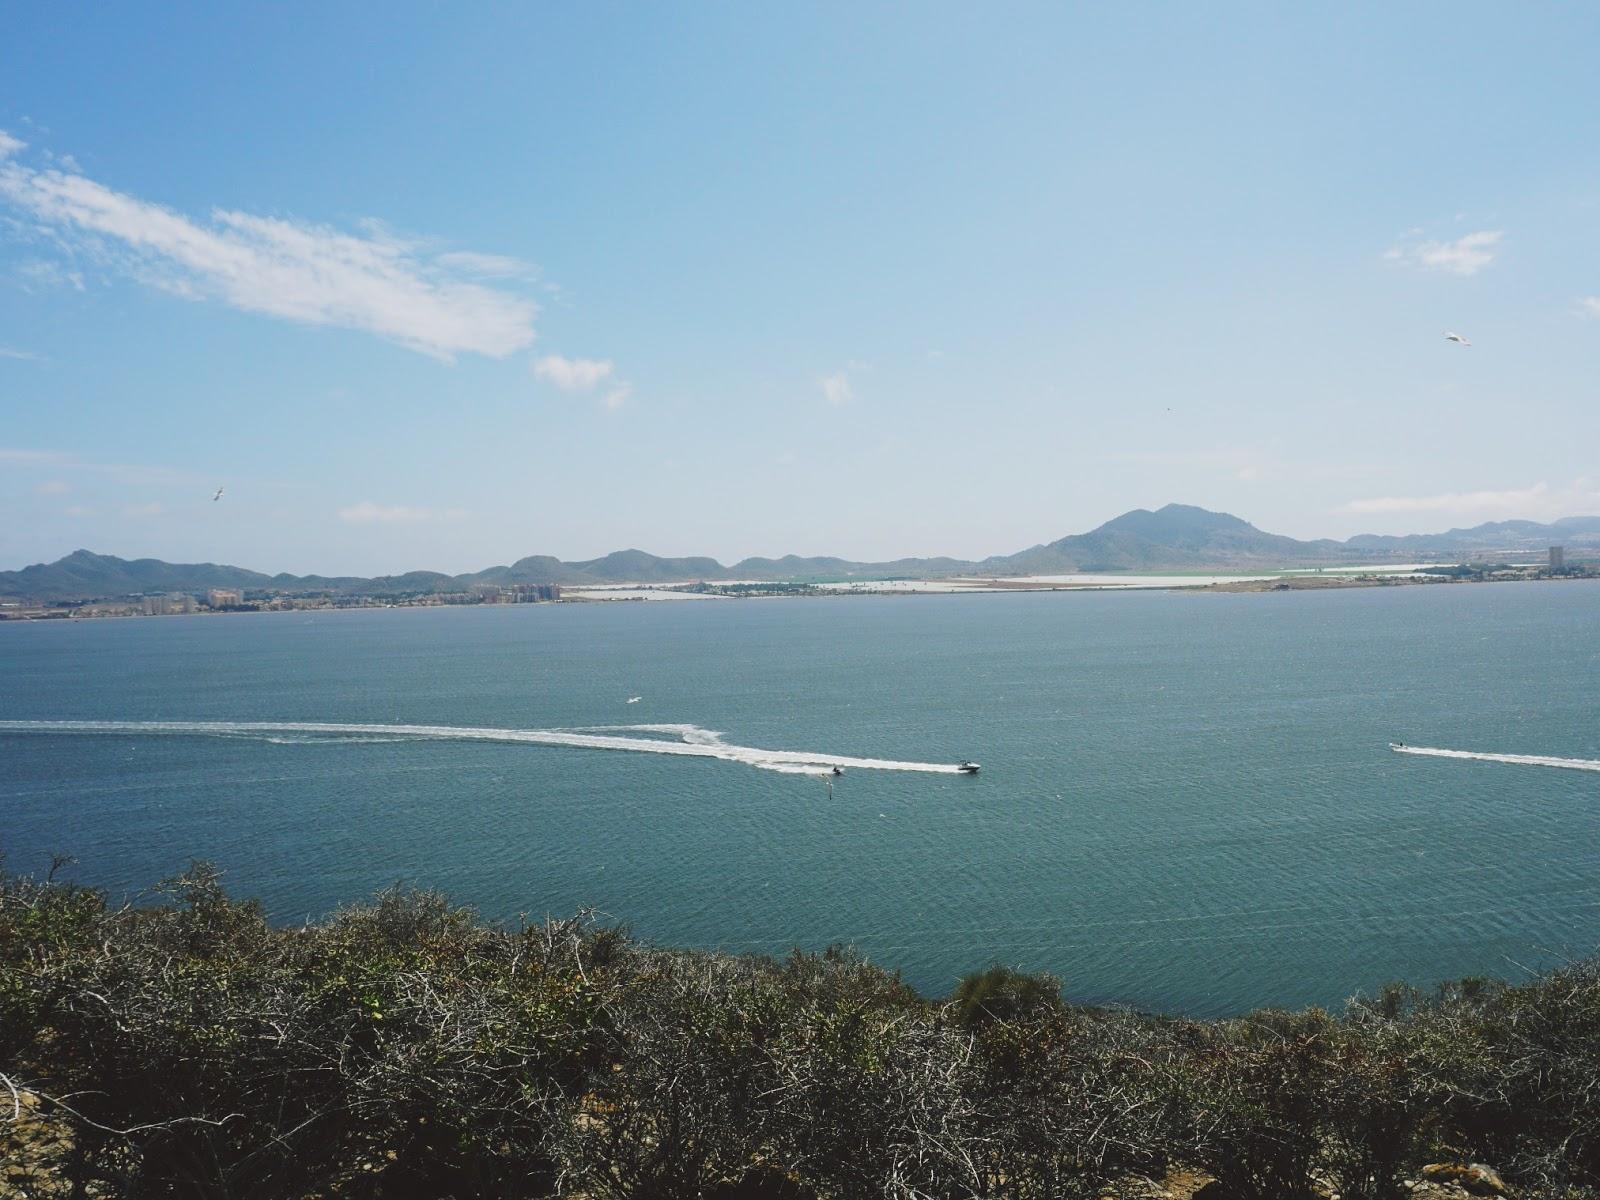 hiszpańskie wybrzeże, Hiszpania, morze, Morze Śródziemne, panidorcia, przyroda, blog o Islandii, blog podróżniczy